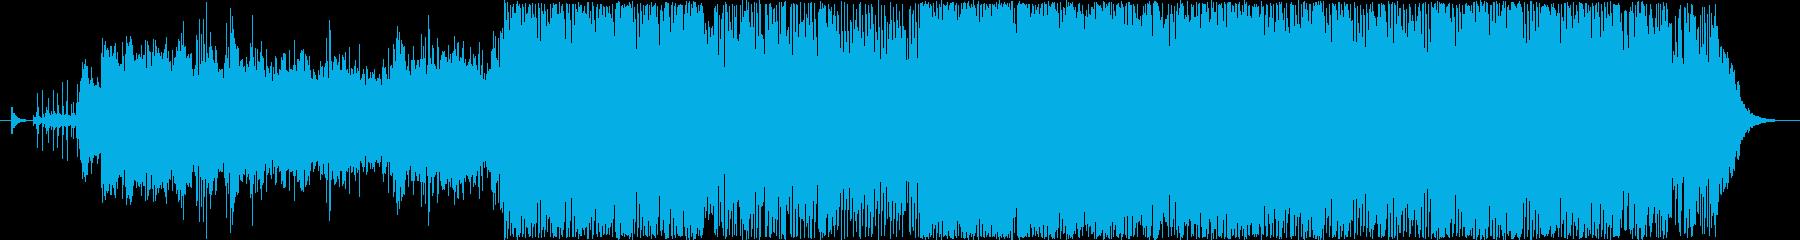 サイバー SF 近未来 ピアノ トランスの再生済みの波形